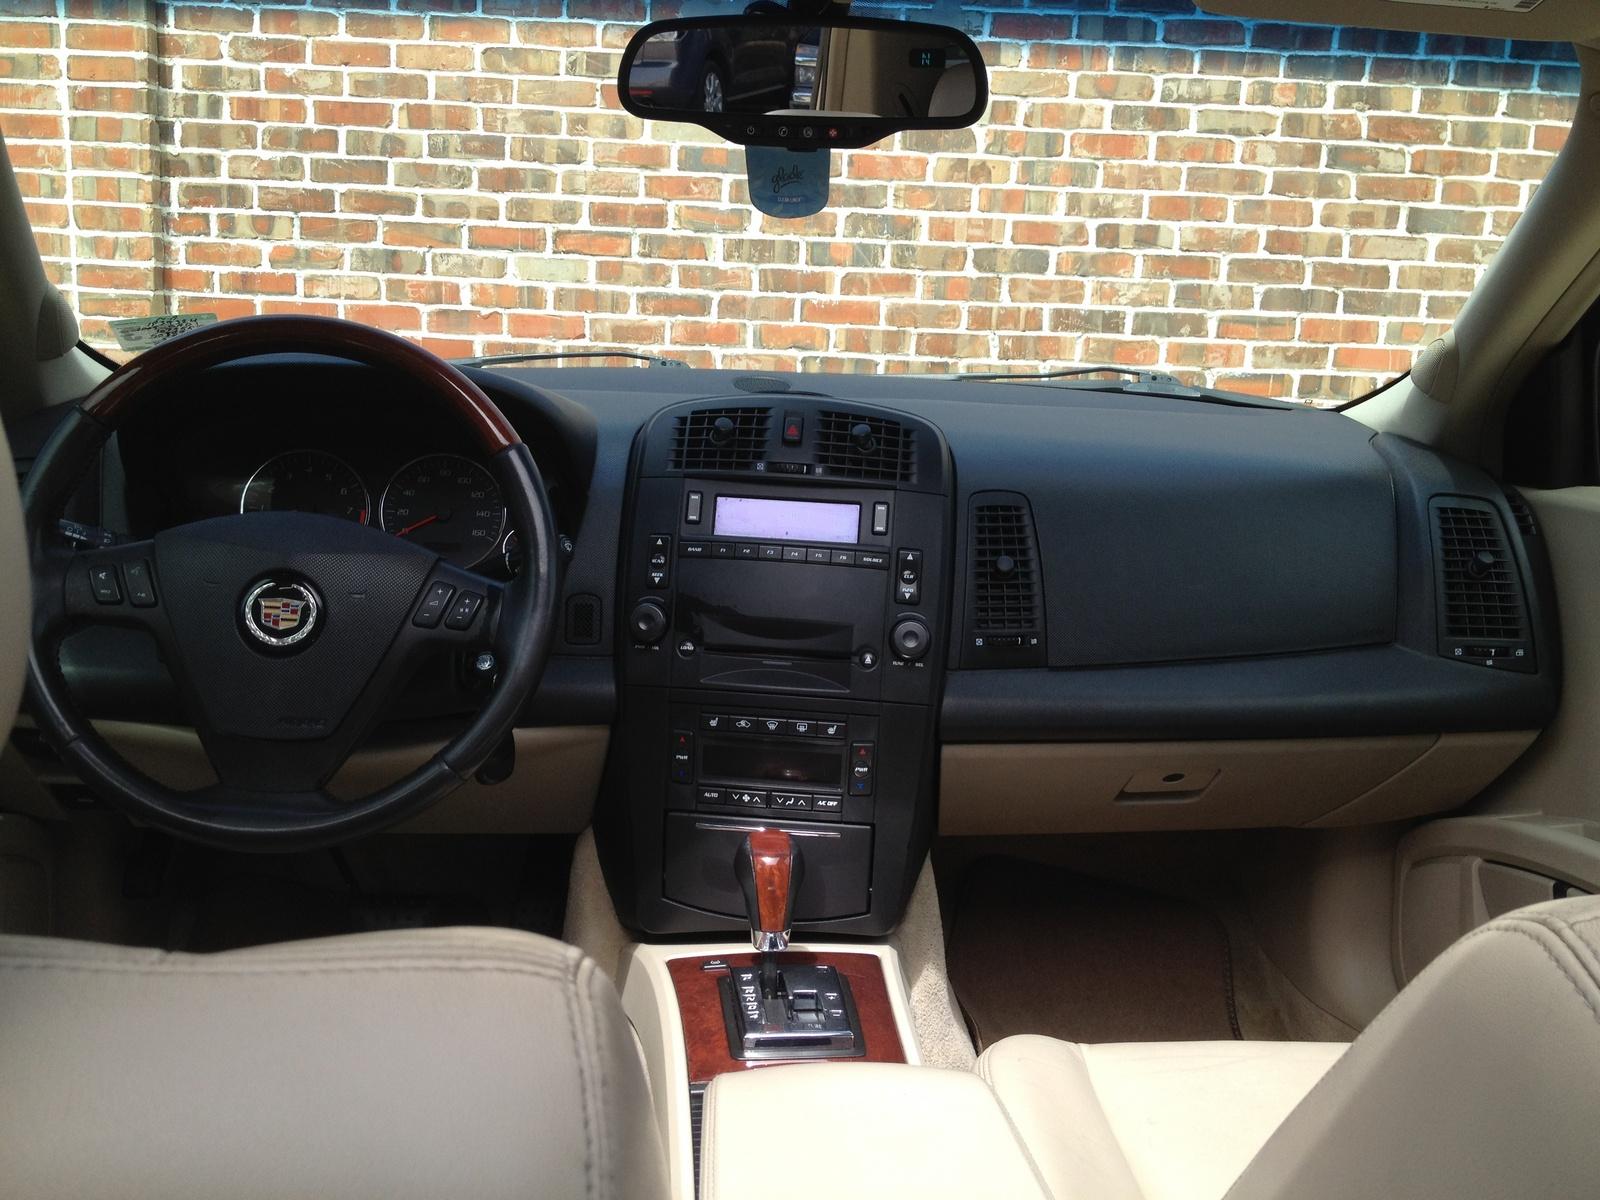 2005 Cadillac SRX Interior Pictures CarGurus